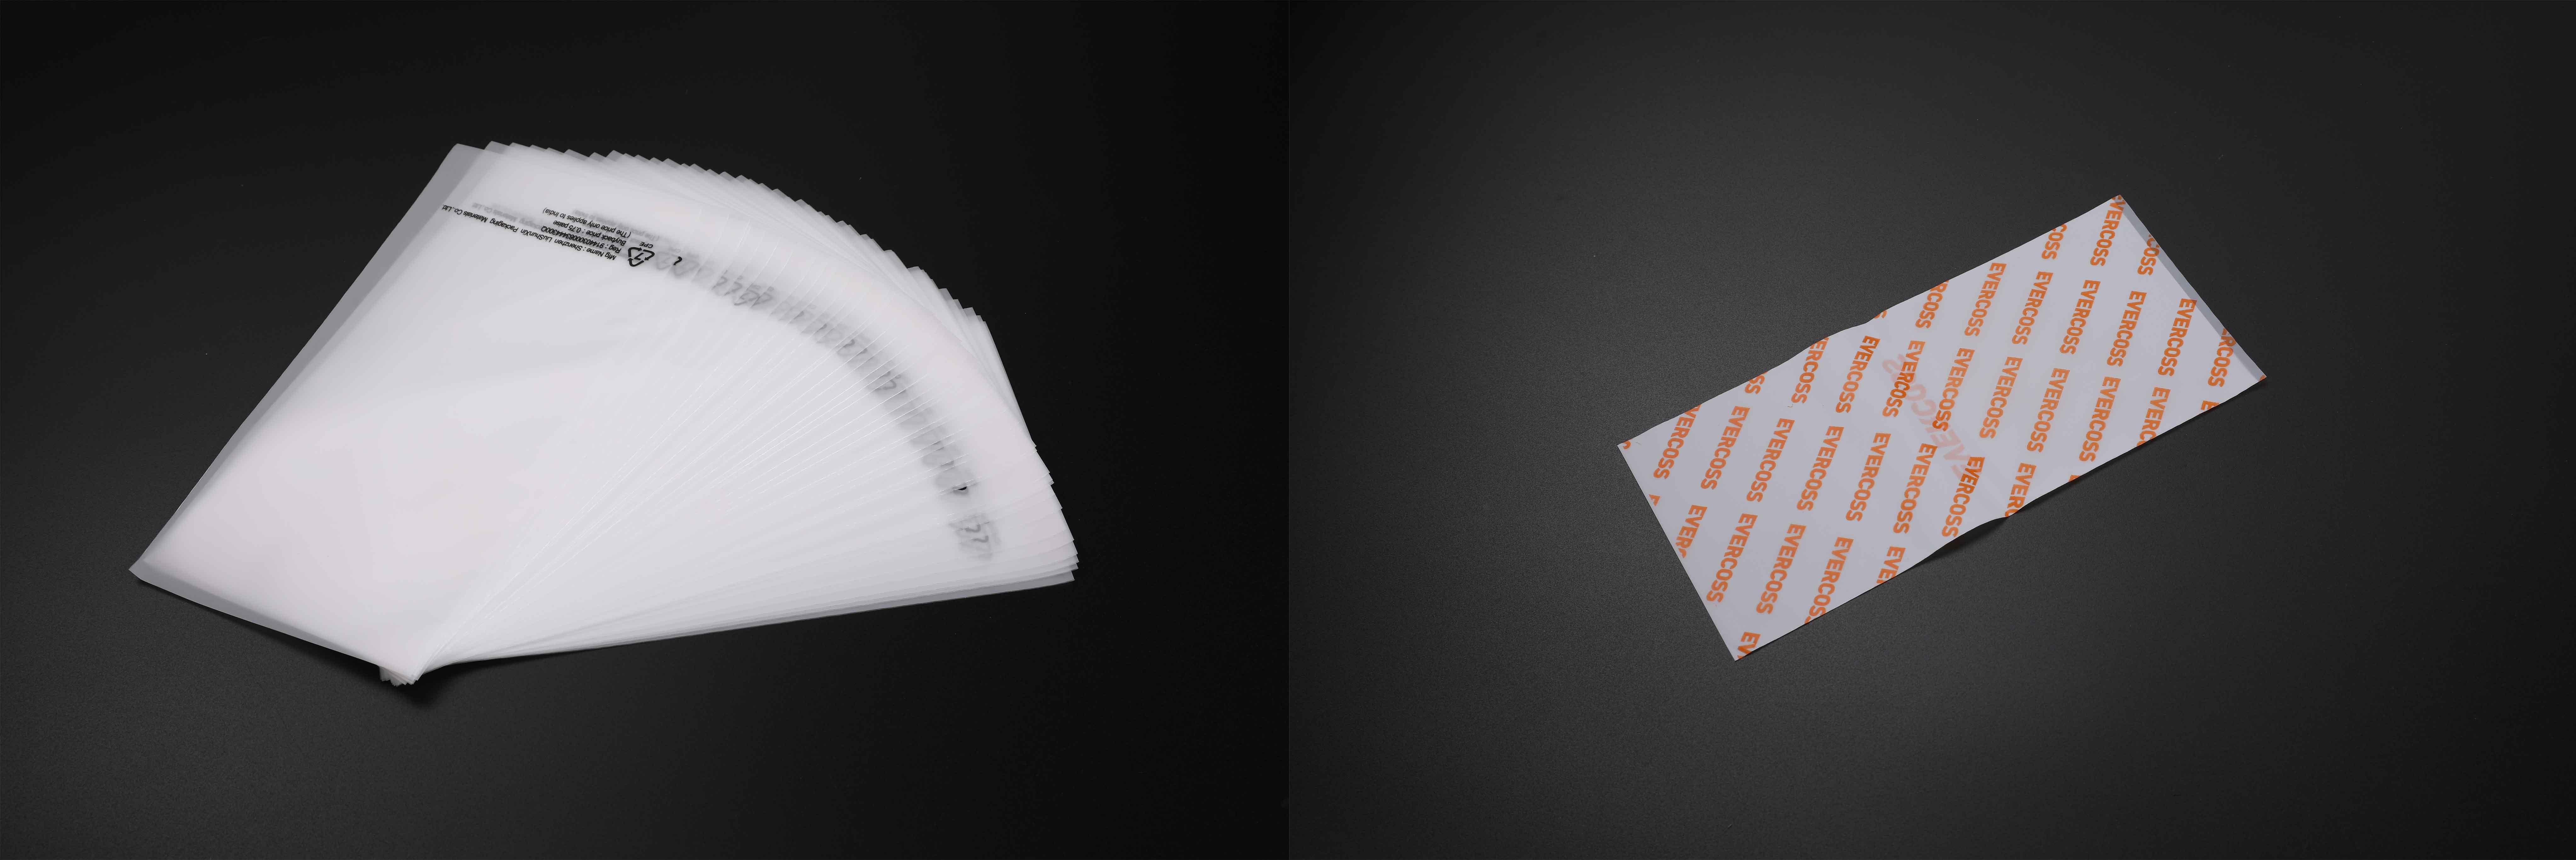 磨砂袋包装